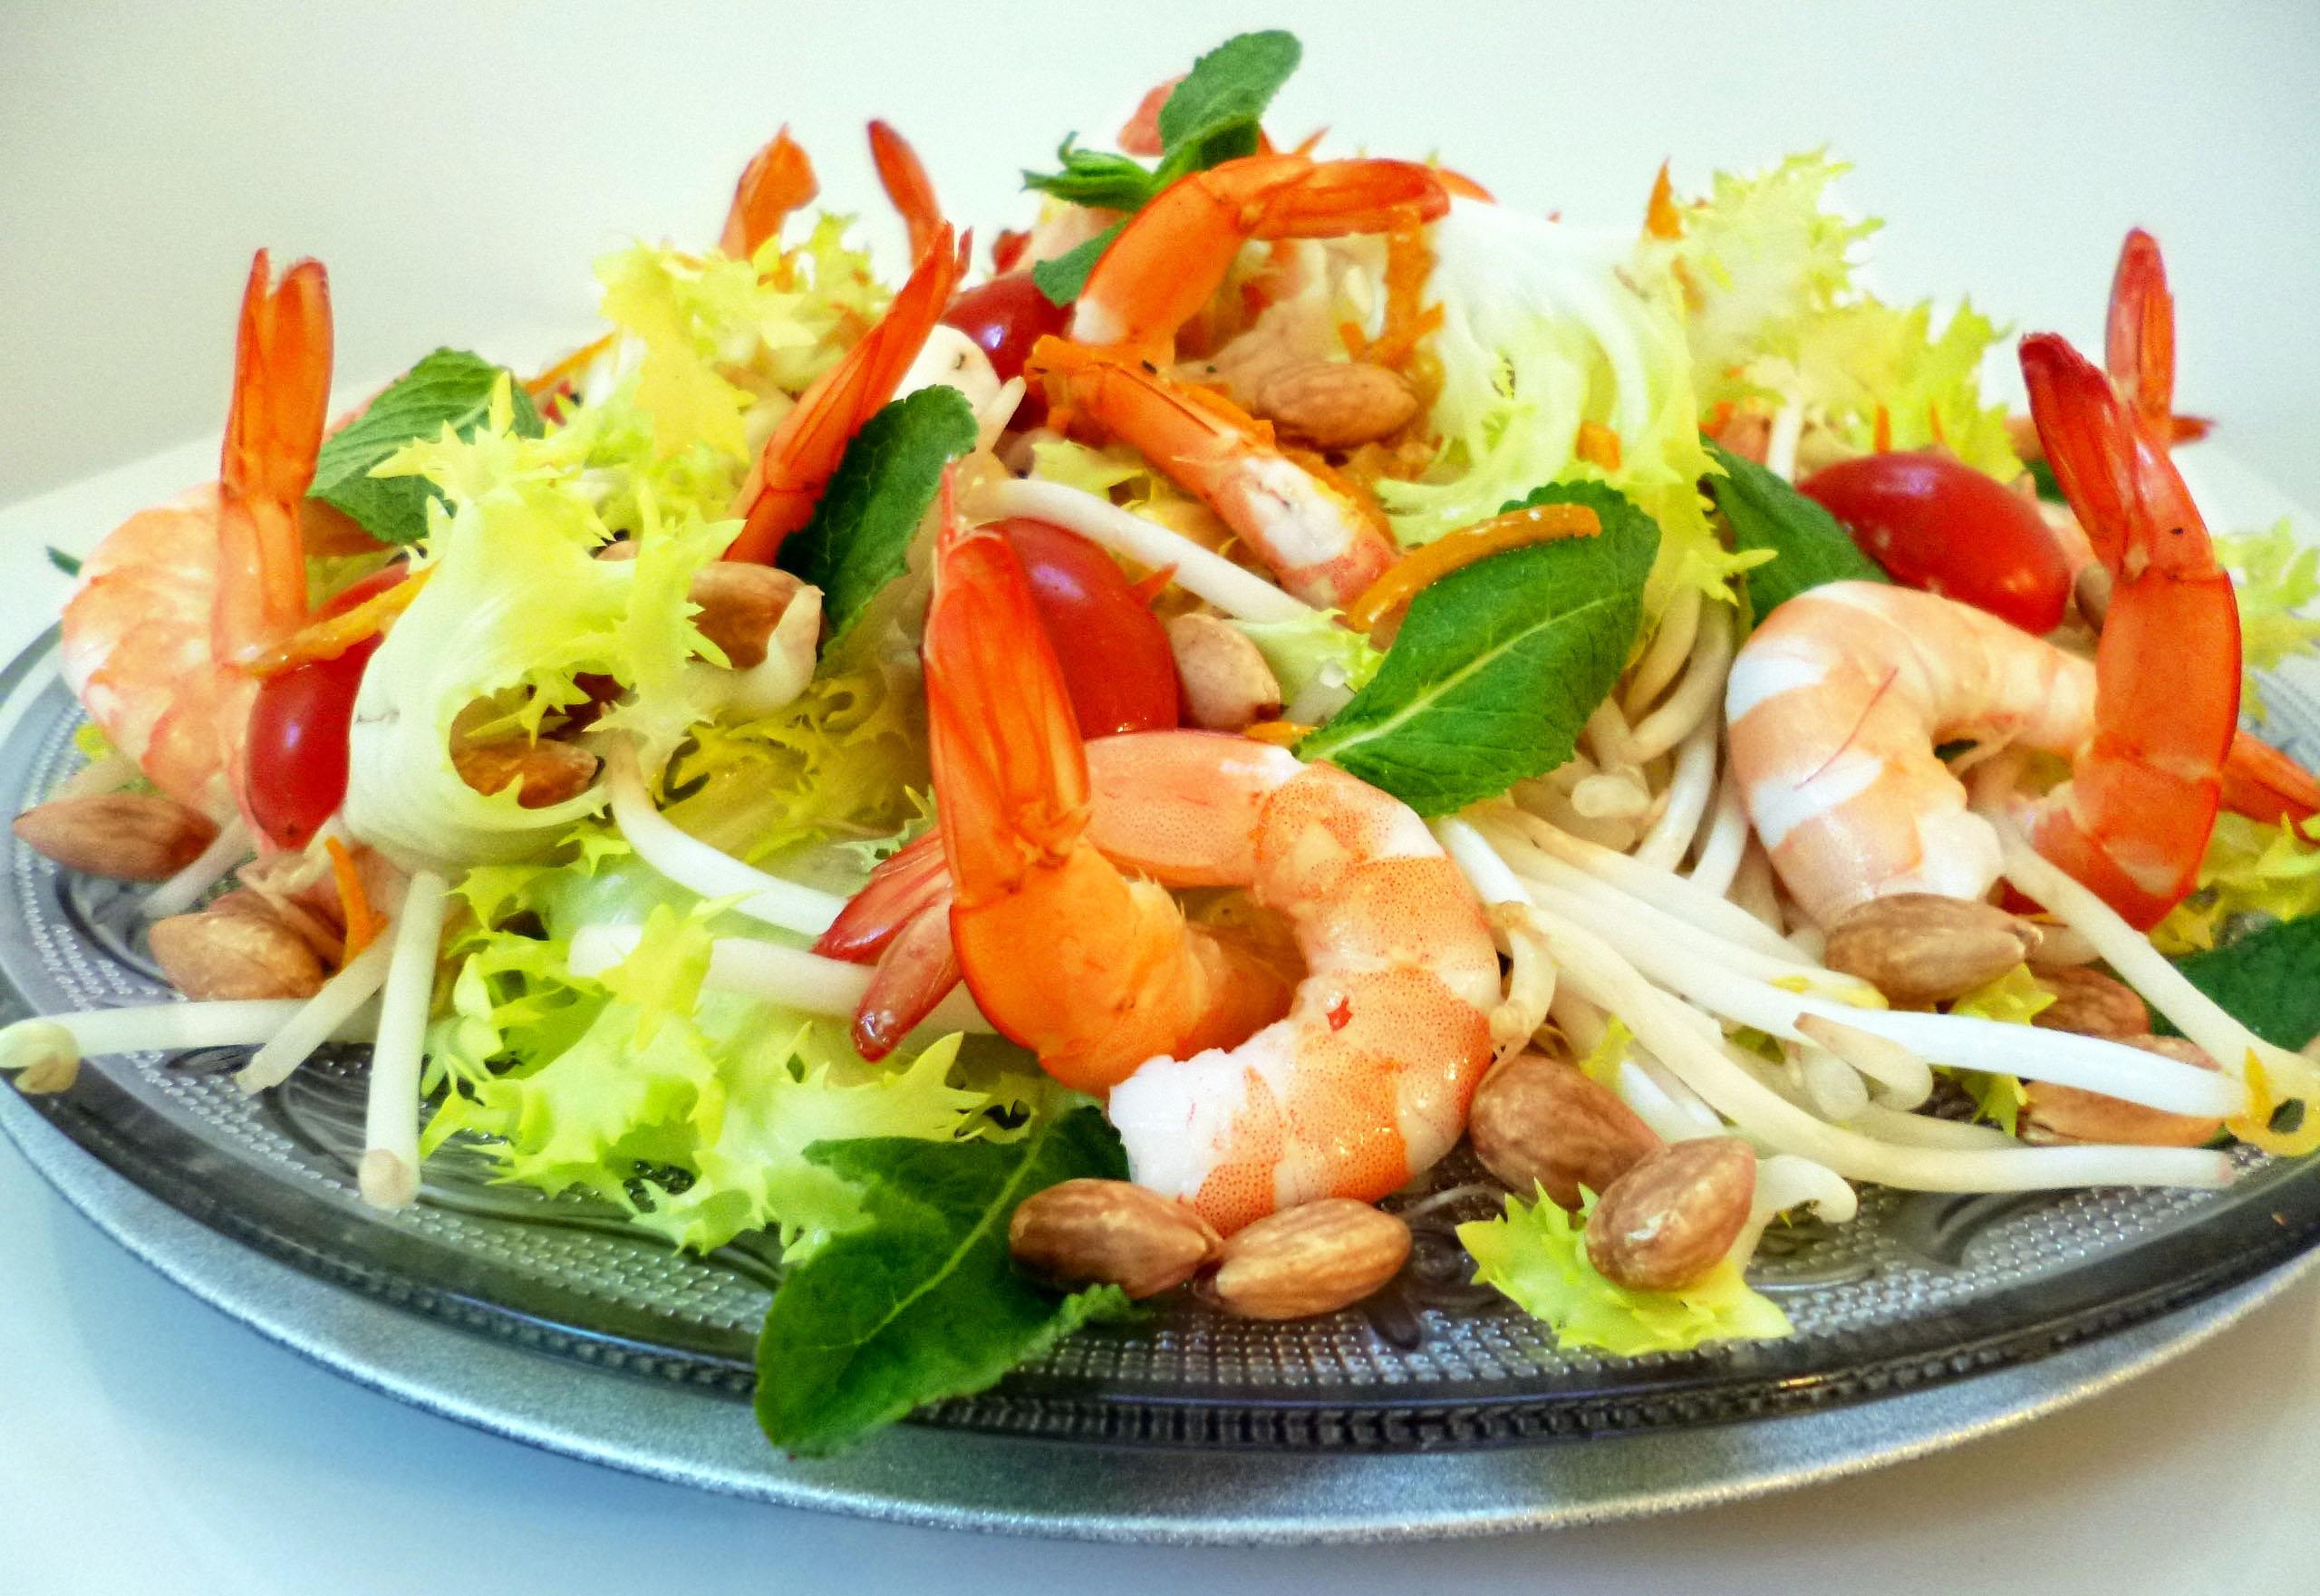 salade de crevettes au wasabi la recette facile par toqu s 2 cuisine. Black Bedroom Furniture Sets. Home Design Ideas